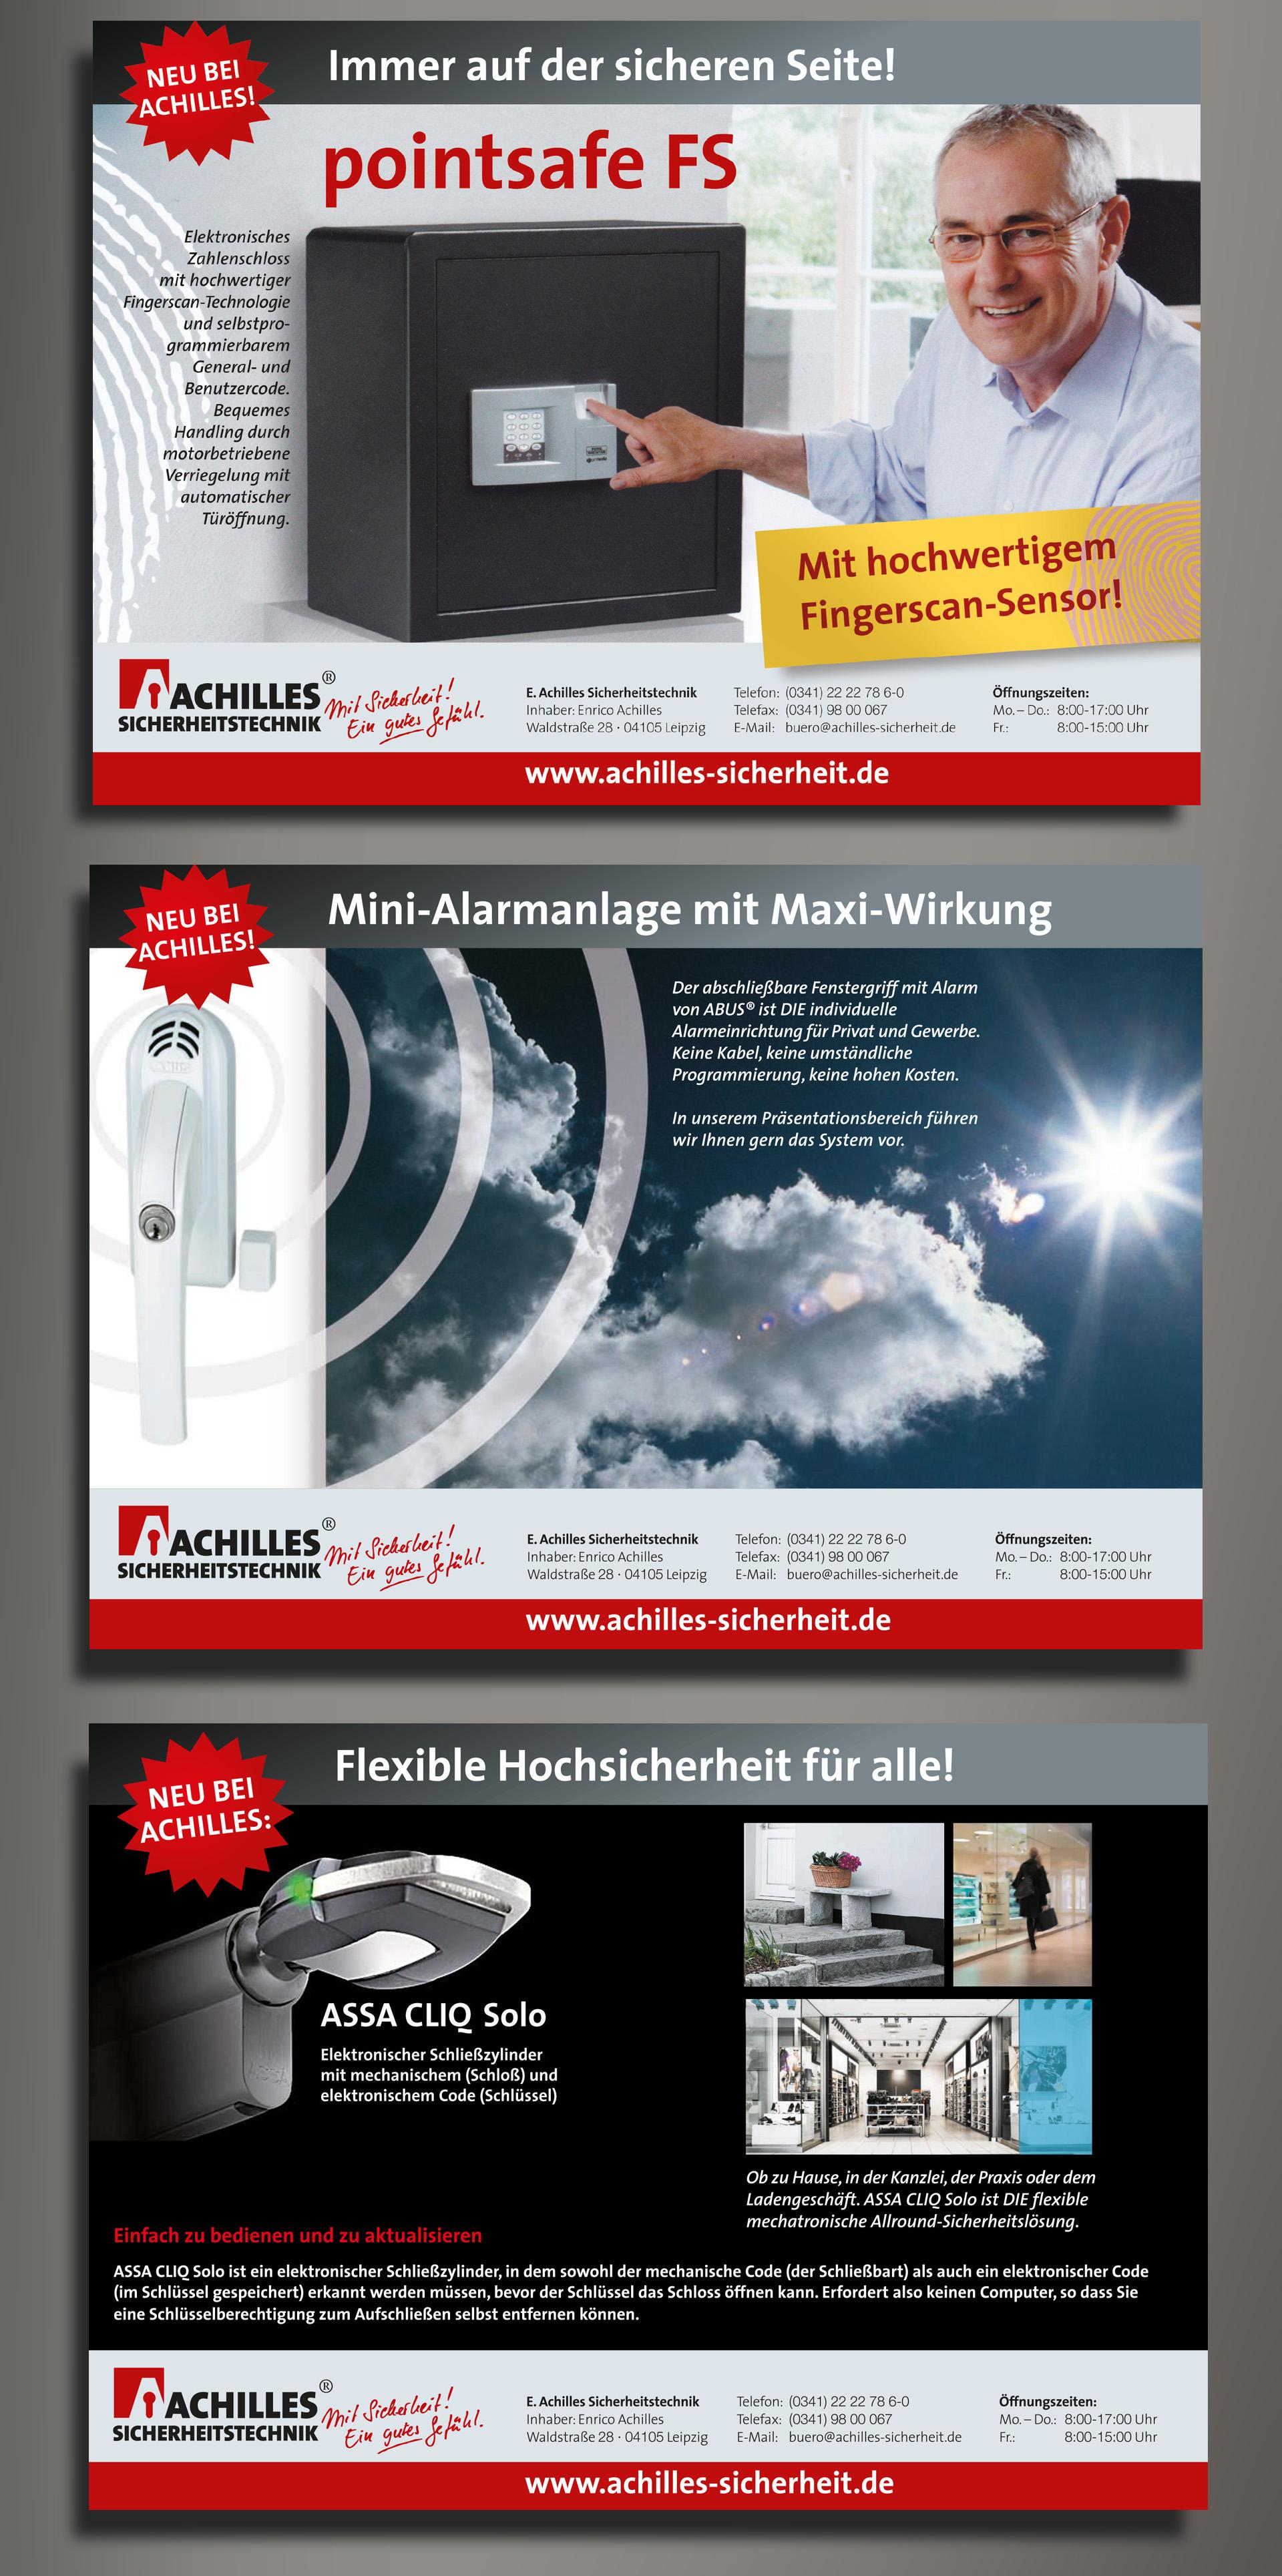 Anzeigenkampagne Achilles Sicherheitstechnik